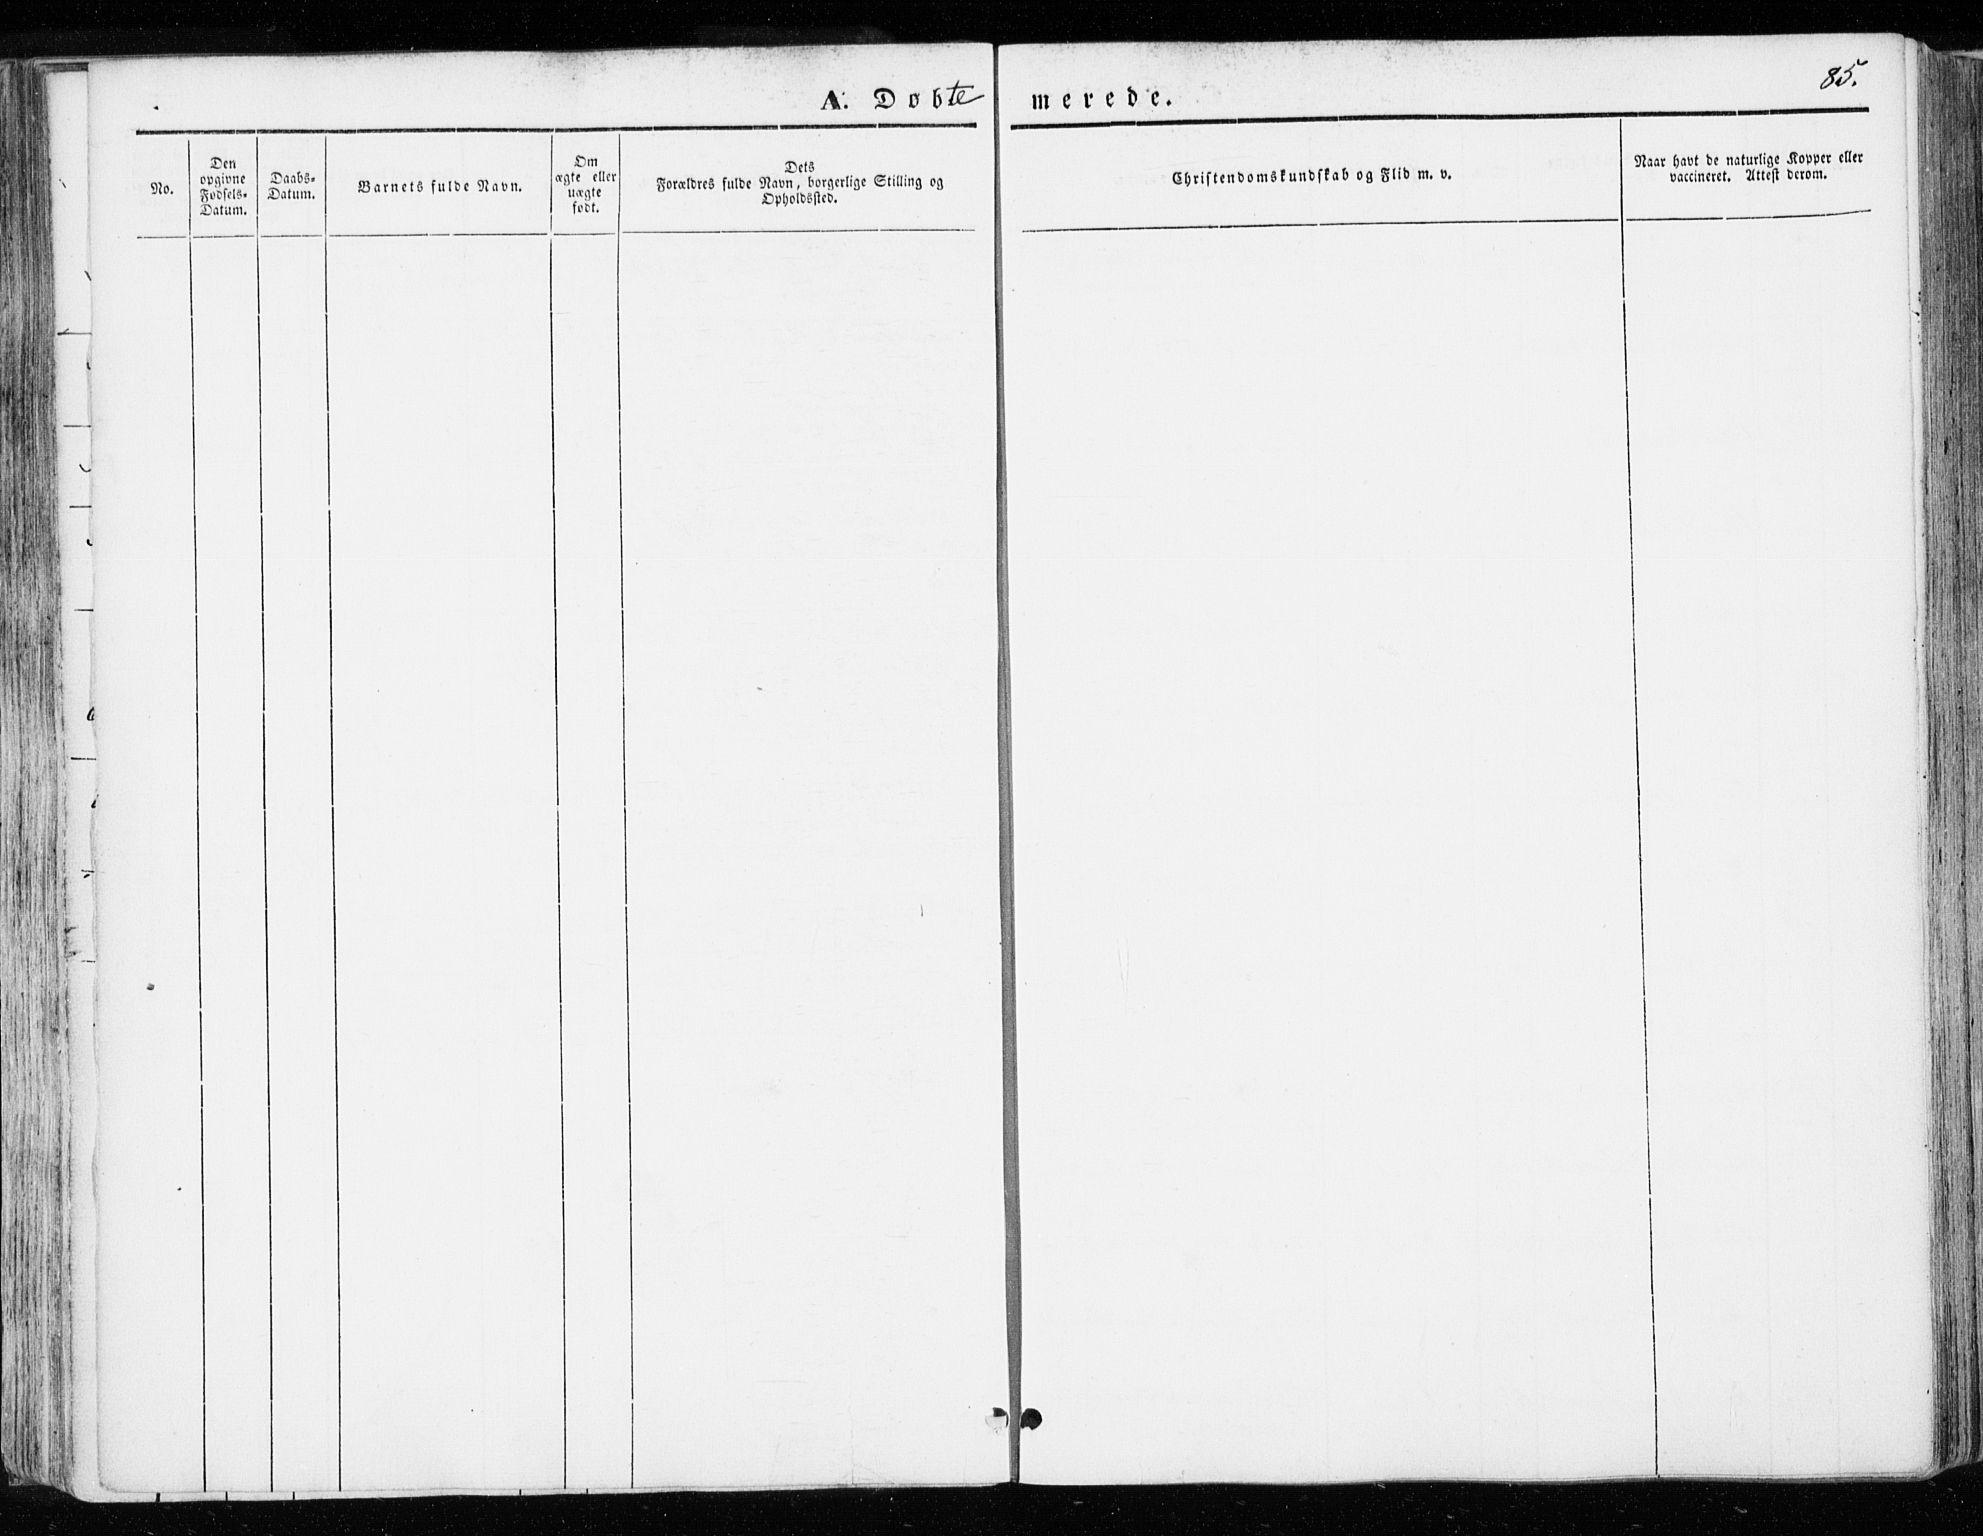 SAT, Ministerialprotokoller, klokkerbøker og fødselsregistre - Sør-Trøndelag, 655/L0677: Ministerialbok nr. 655A06, 1847-1860, s. 85